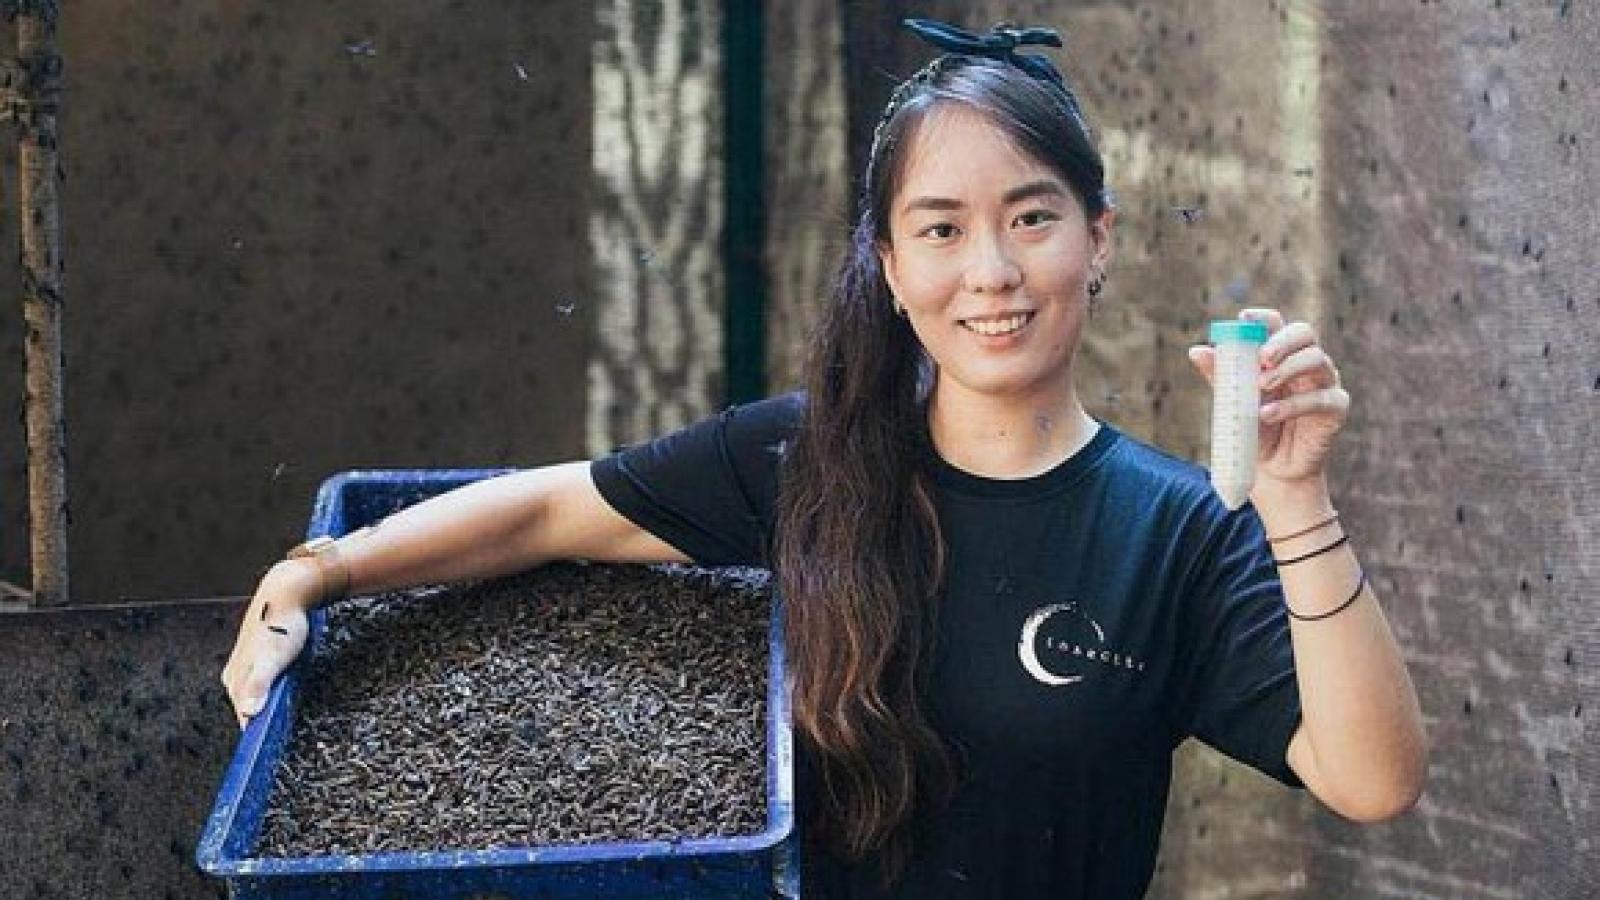 Singapore giới thiệu giải pháp mới chống lãng phí lương thực từ ruồi